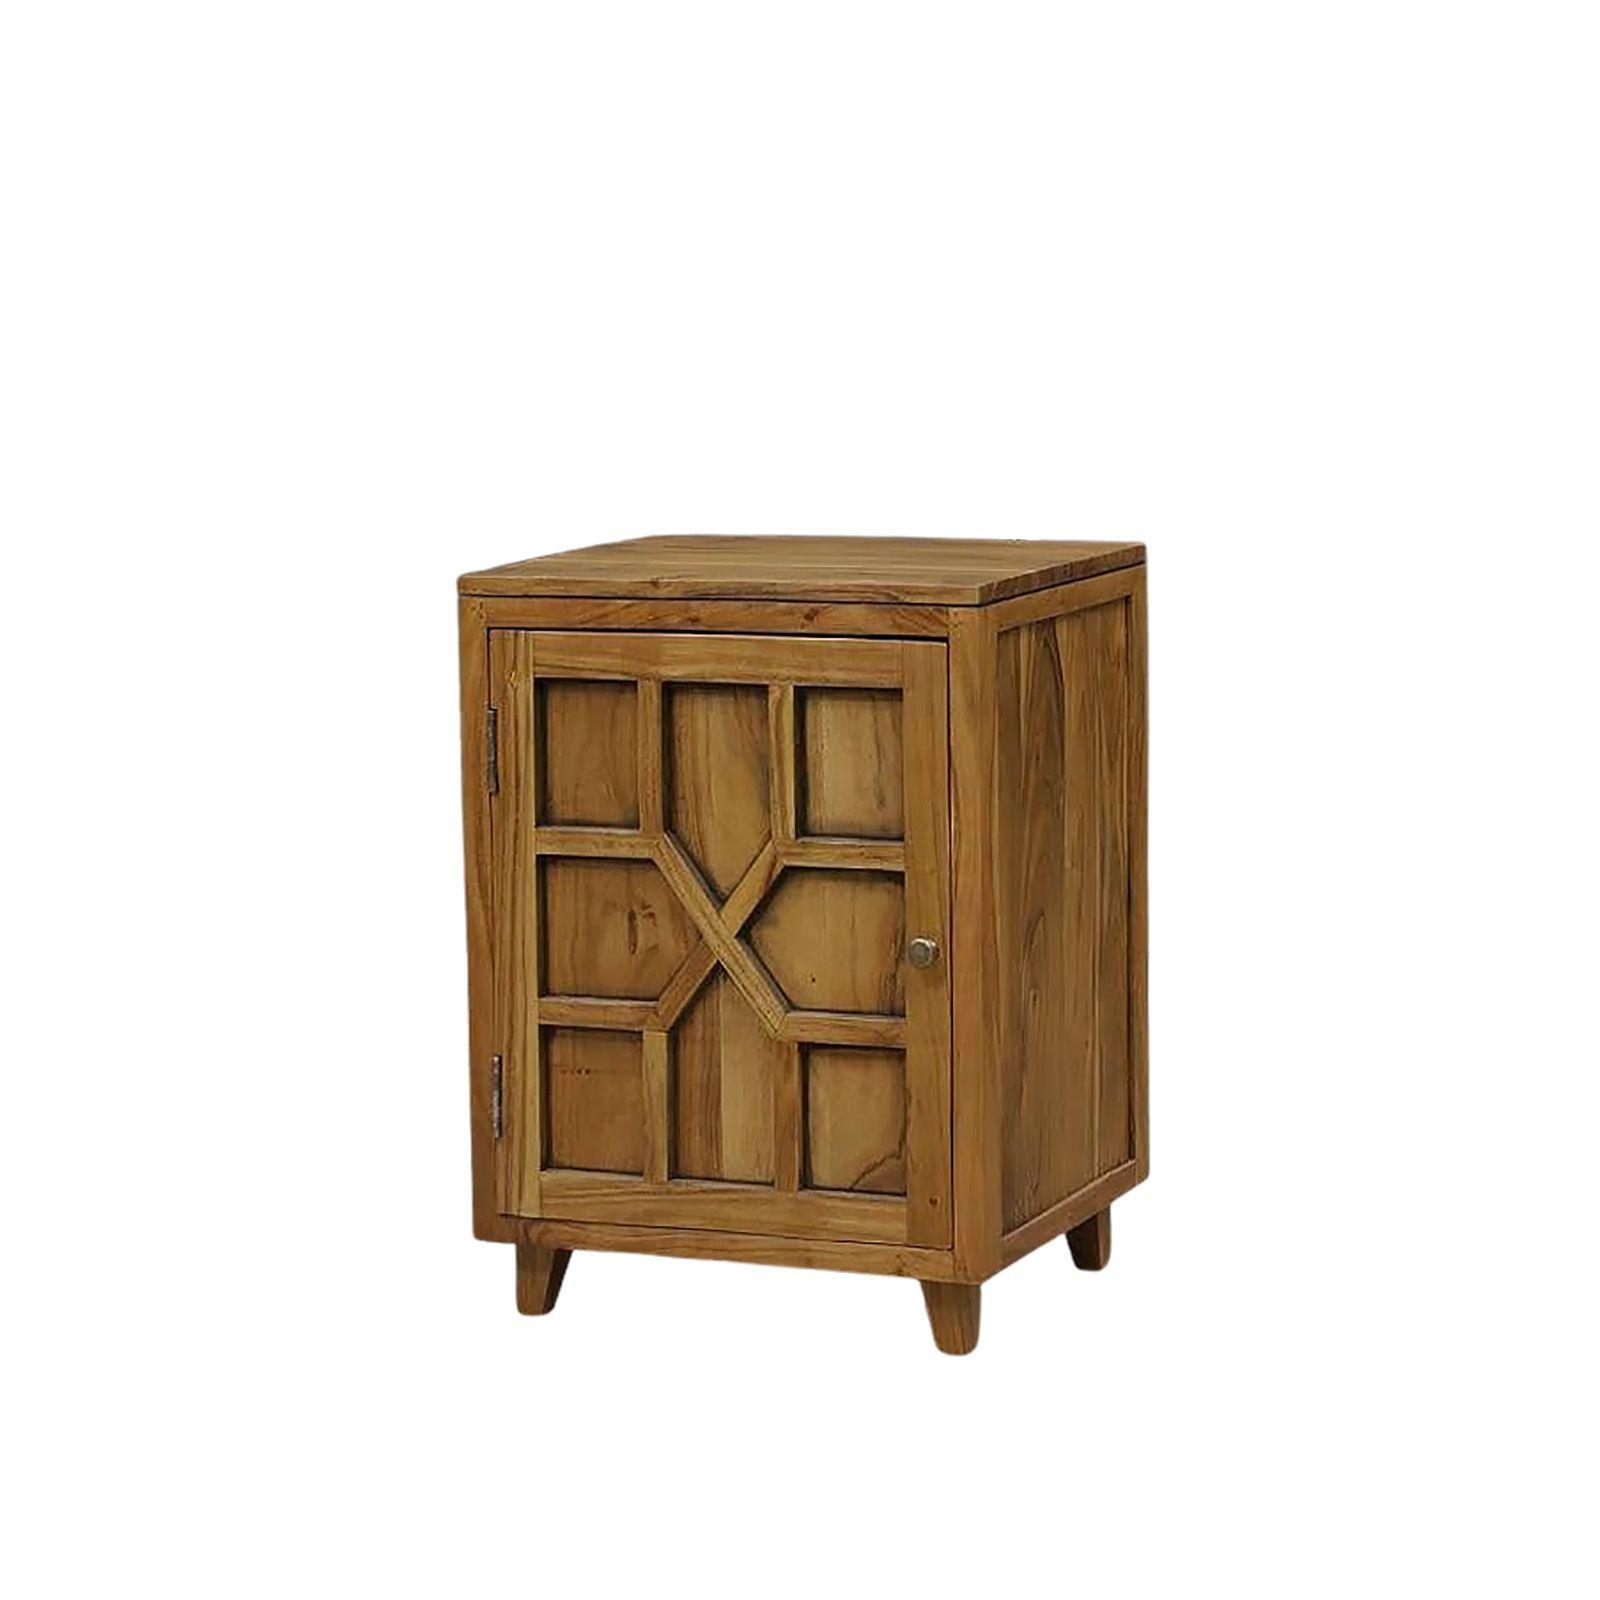 Chevet arabesque bois exotique - Ethnique chic